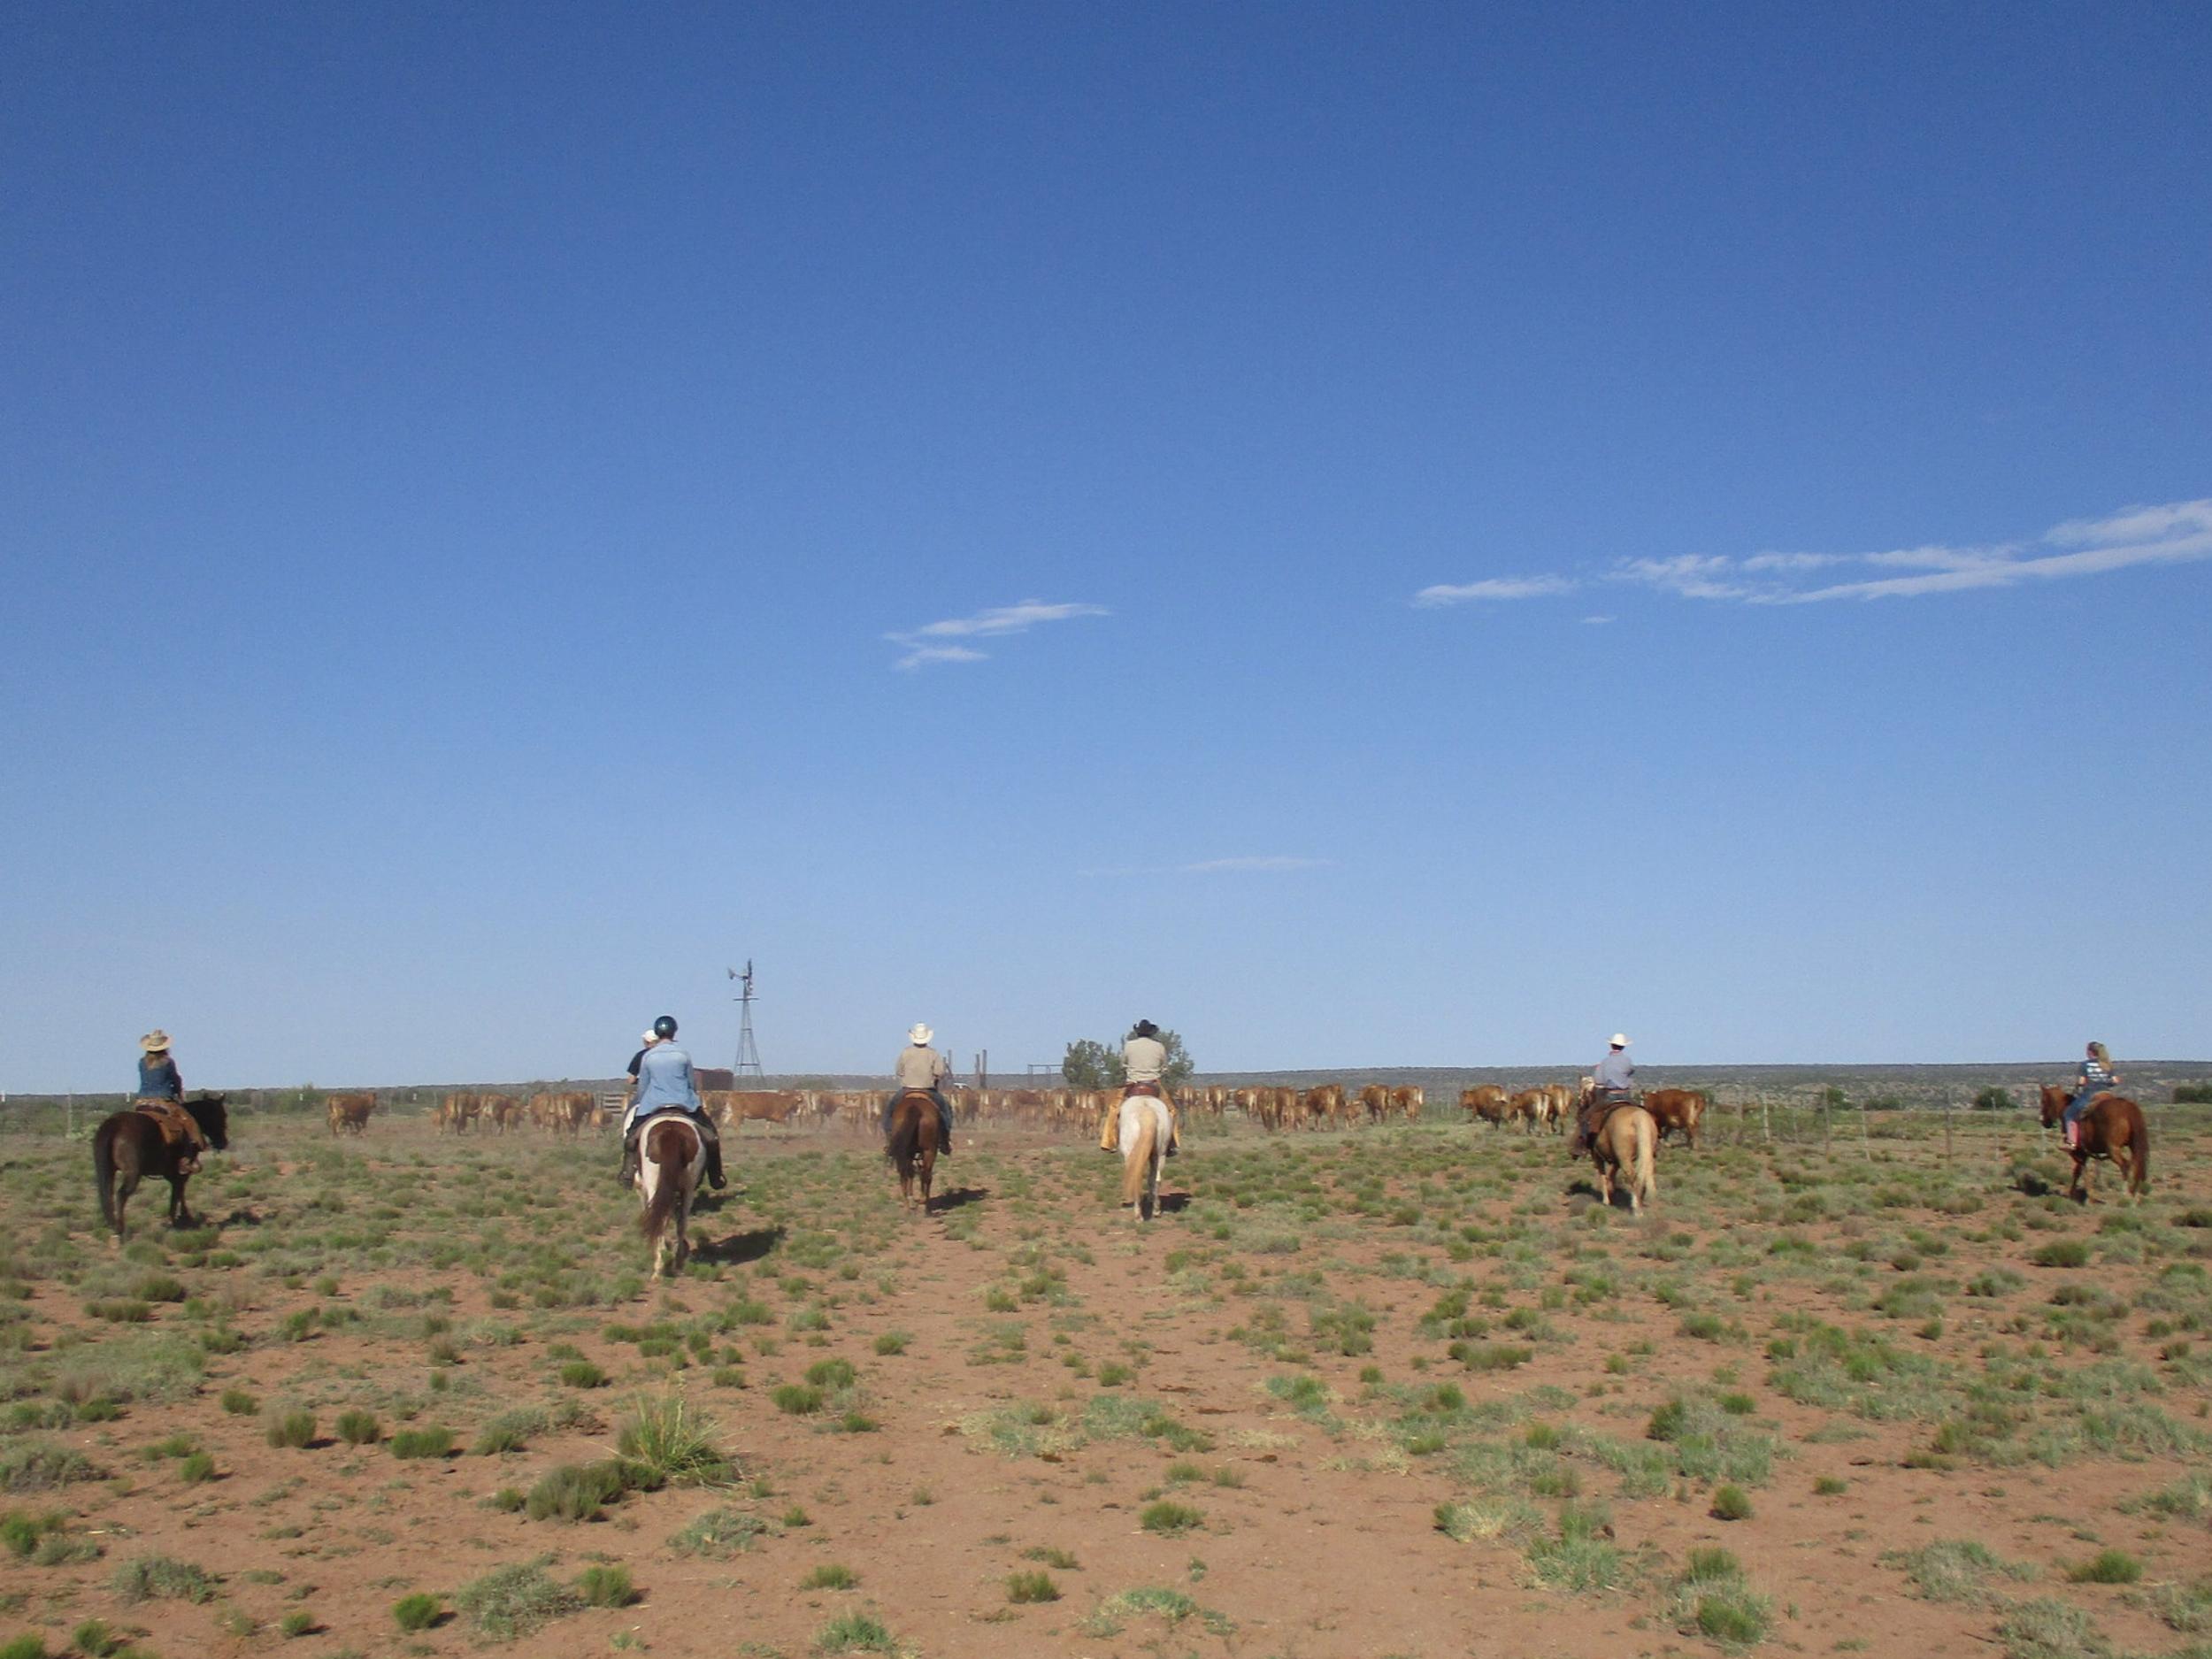 Family Robbins needed help gathering their cattle, so we loaded up the horses and went.  Familie Robbins brauchte Hilfe ihre Rinder einzutreiben, also haben wir die Pferde aufgeladen und sind los.